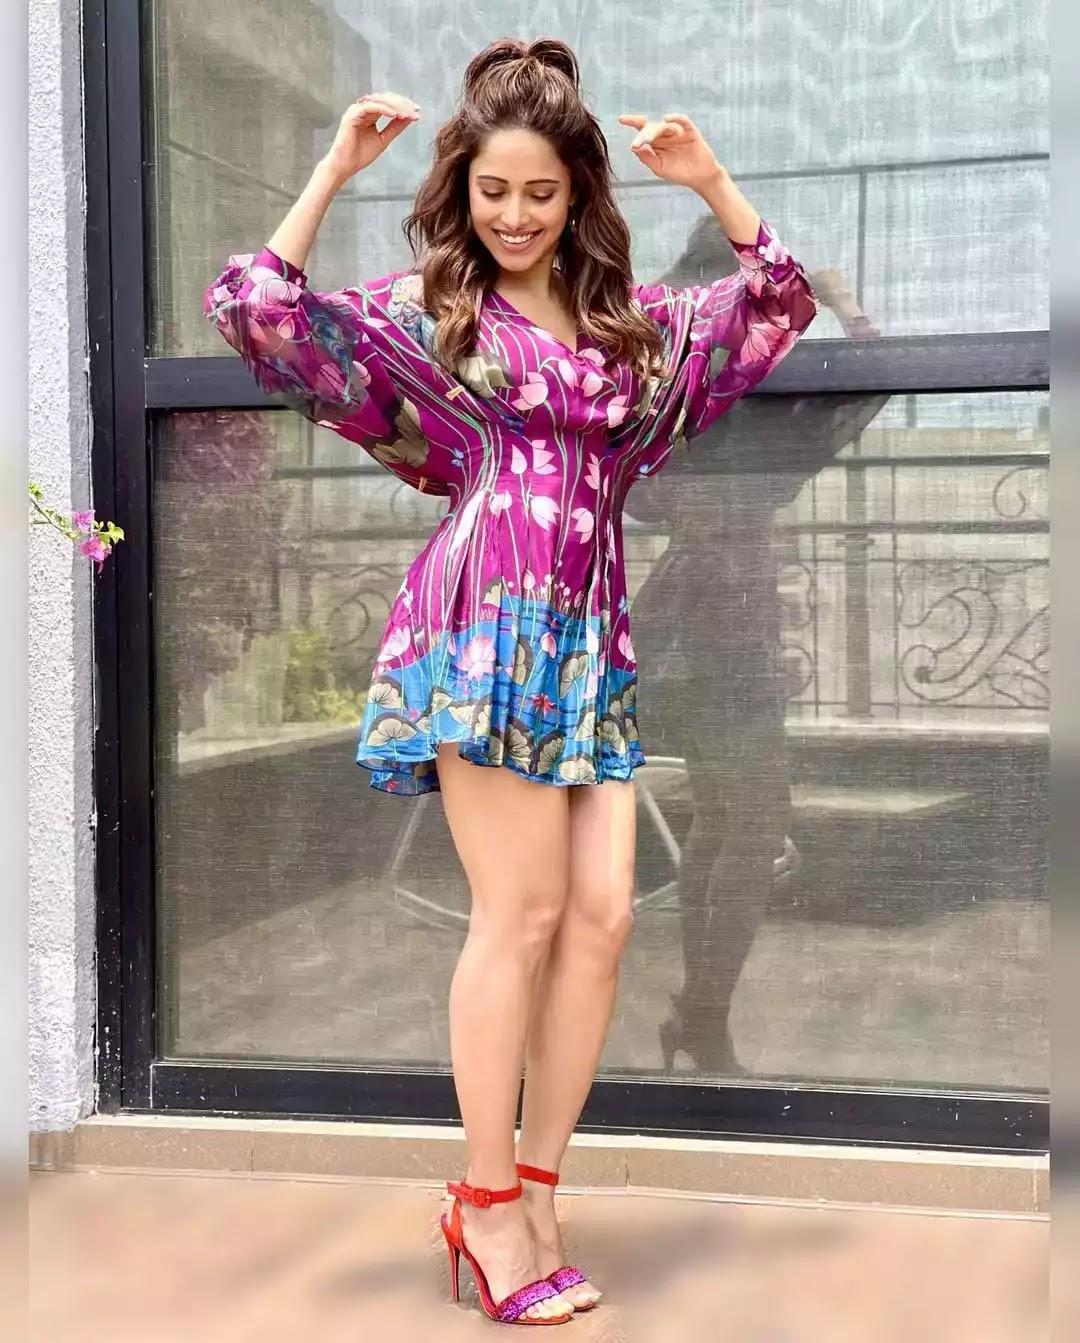 nushrat-barucha-hot-sexy-looks-in-purple-mini-dress